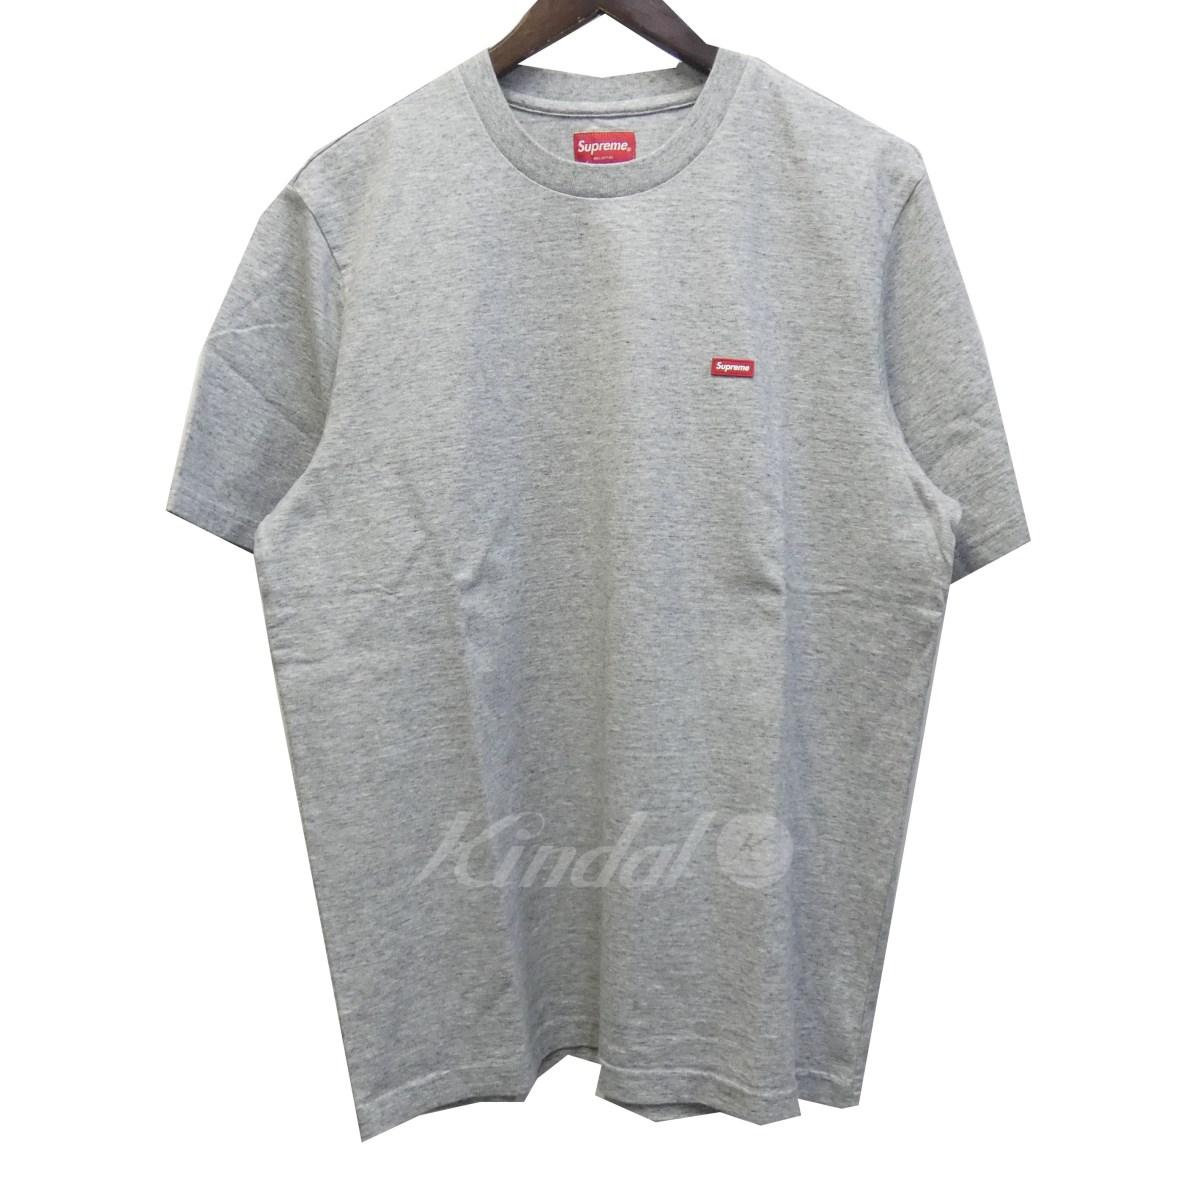 【中古】SUPREME 19SS 「Small Box Tee」スモールボックスロゴTシャツ グレー サイズ:M 【020619】(シュプリーム)